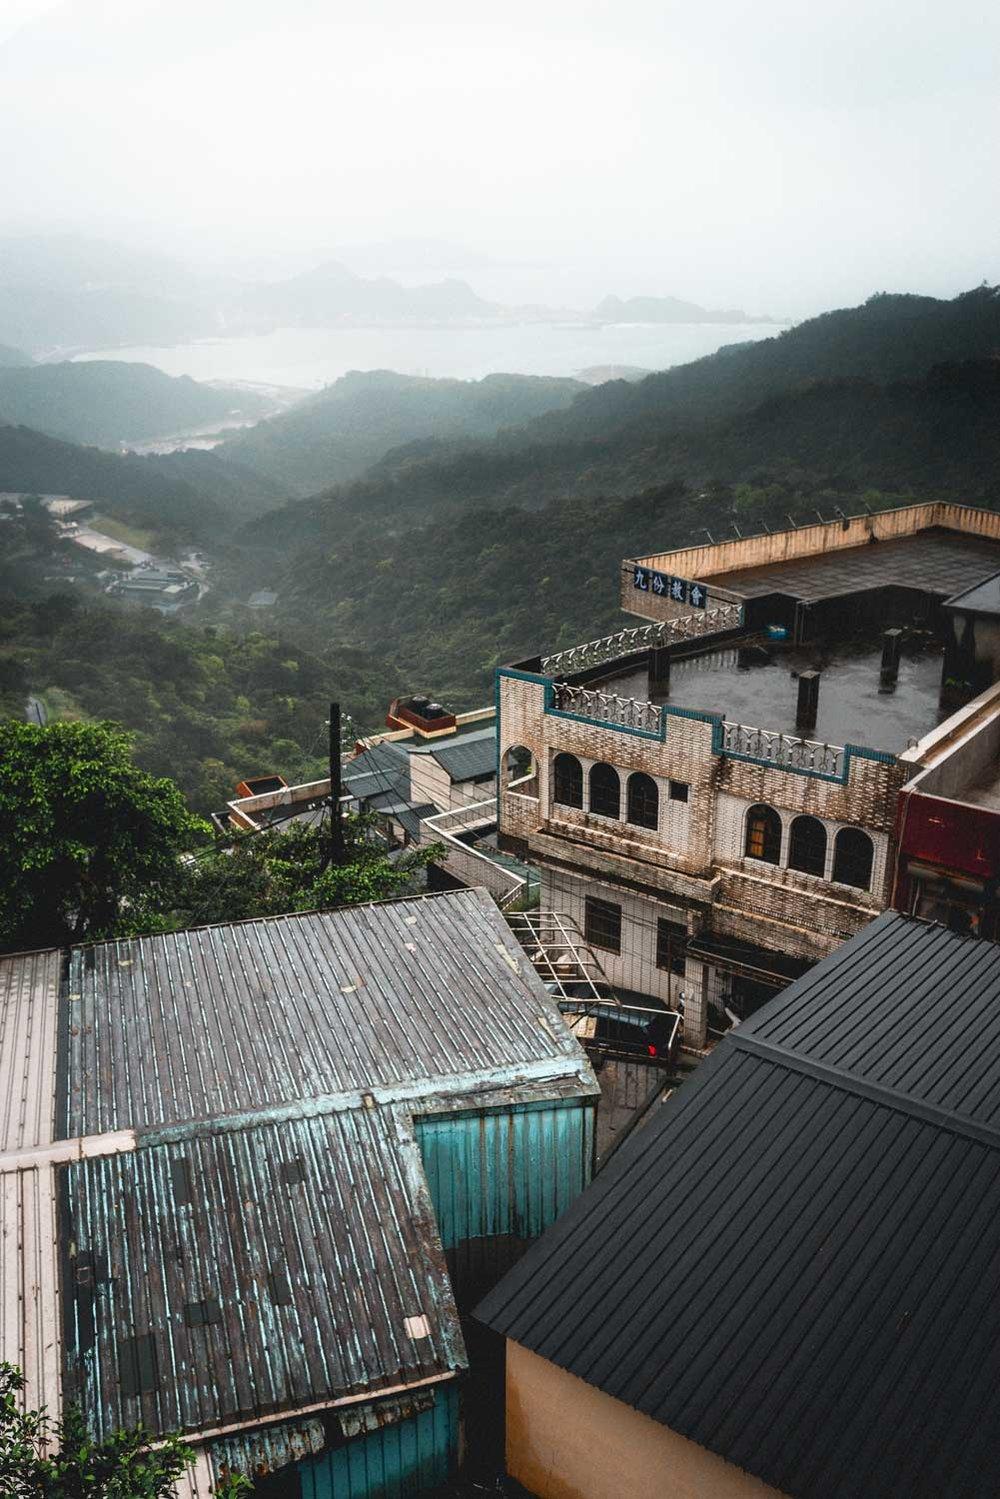 Rooftops overlooking Jiufen